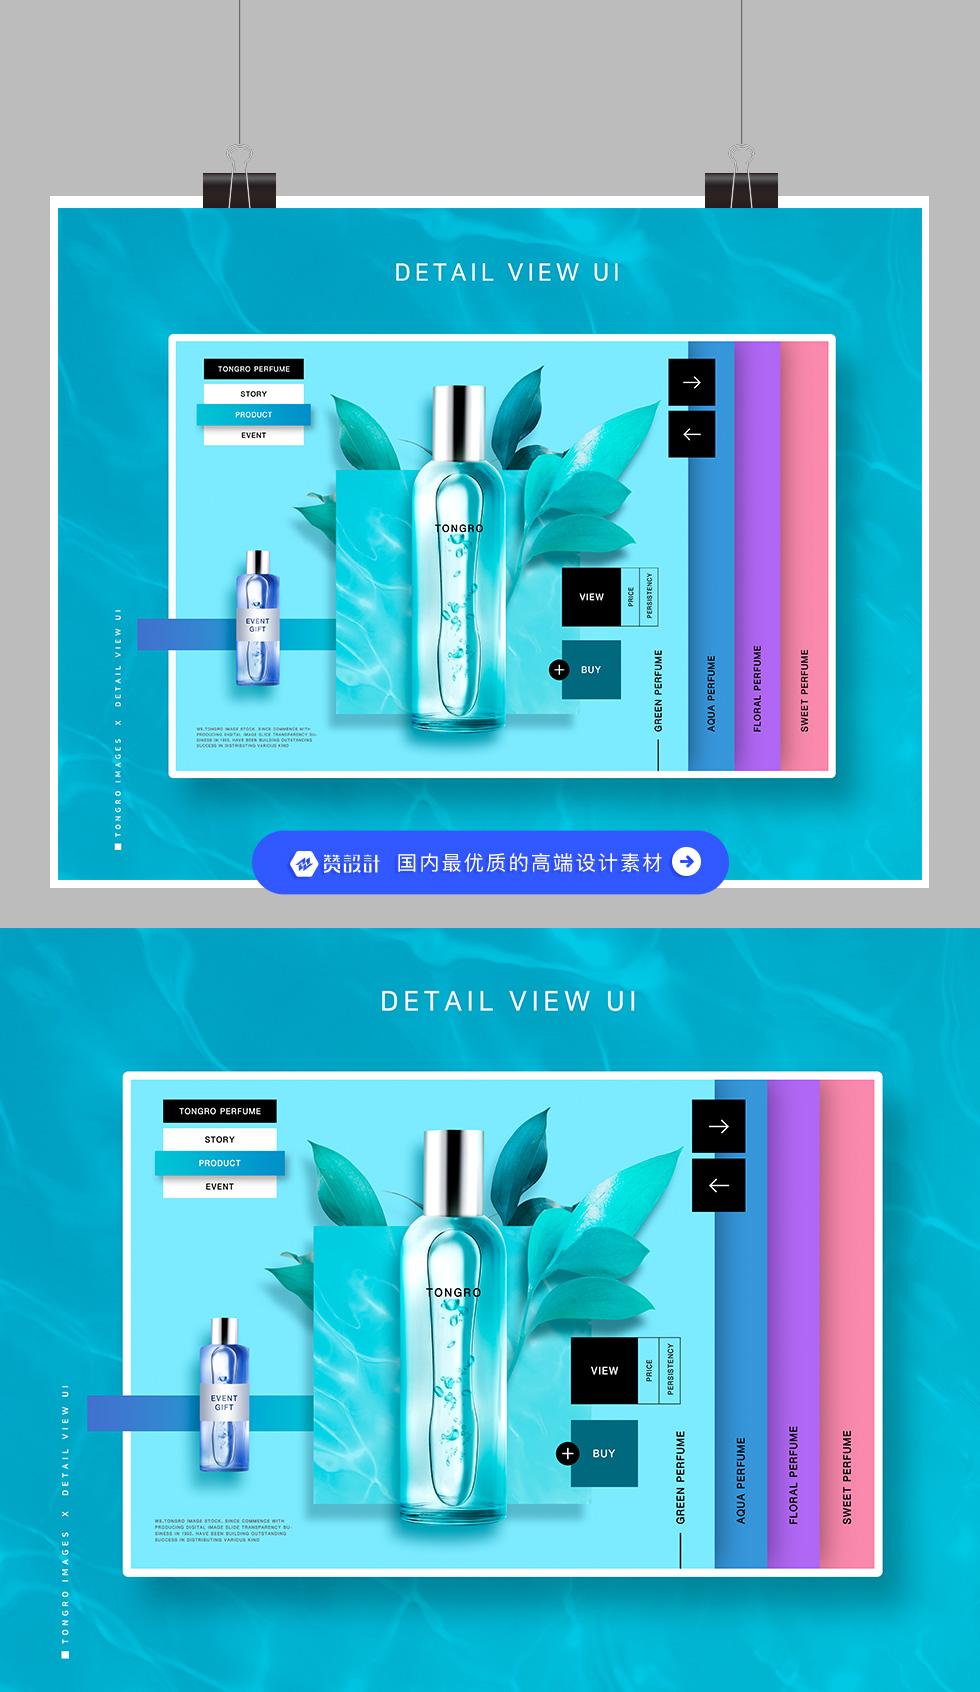 化妆品彩妆PC端网页H5细节视图的用户界面UI模板